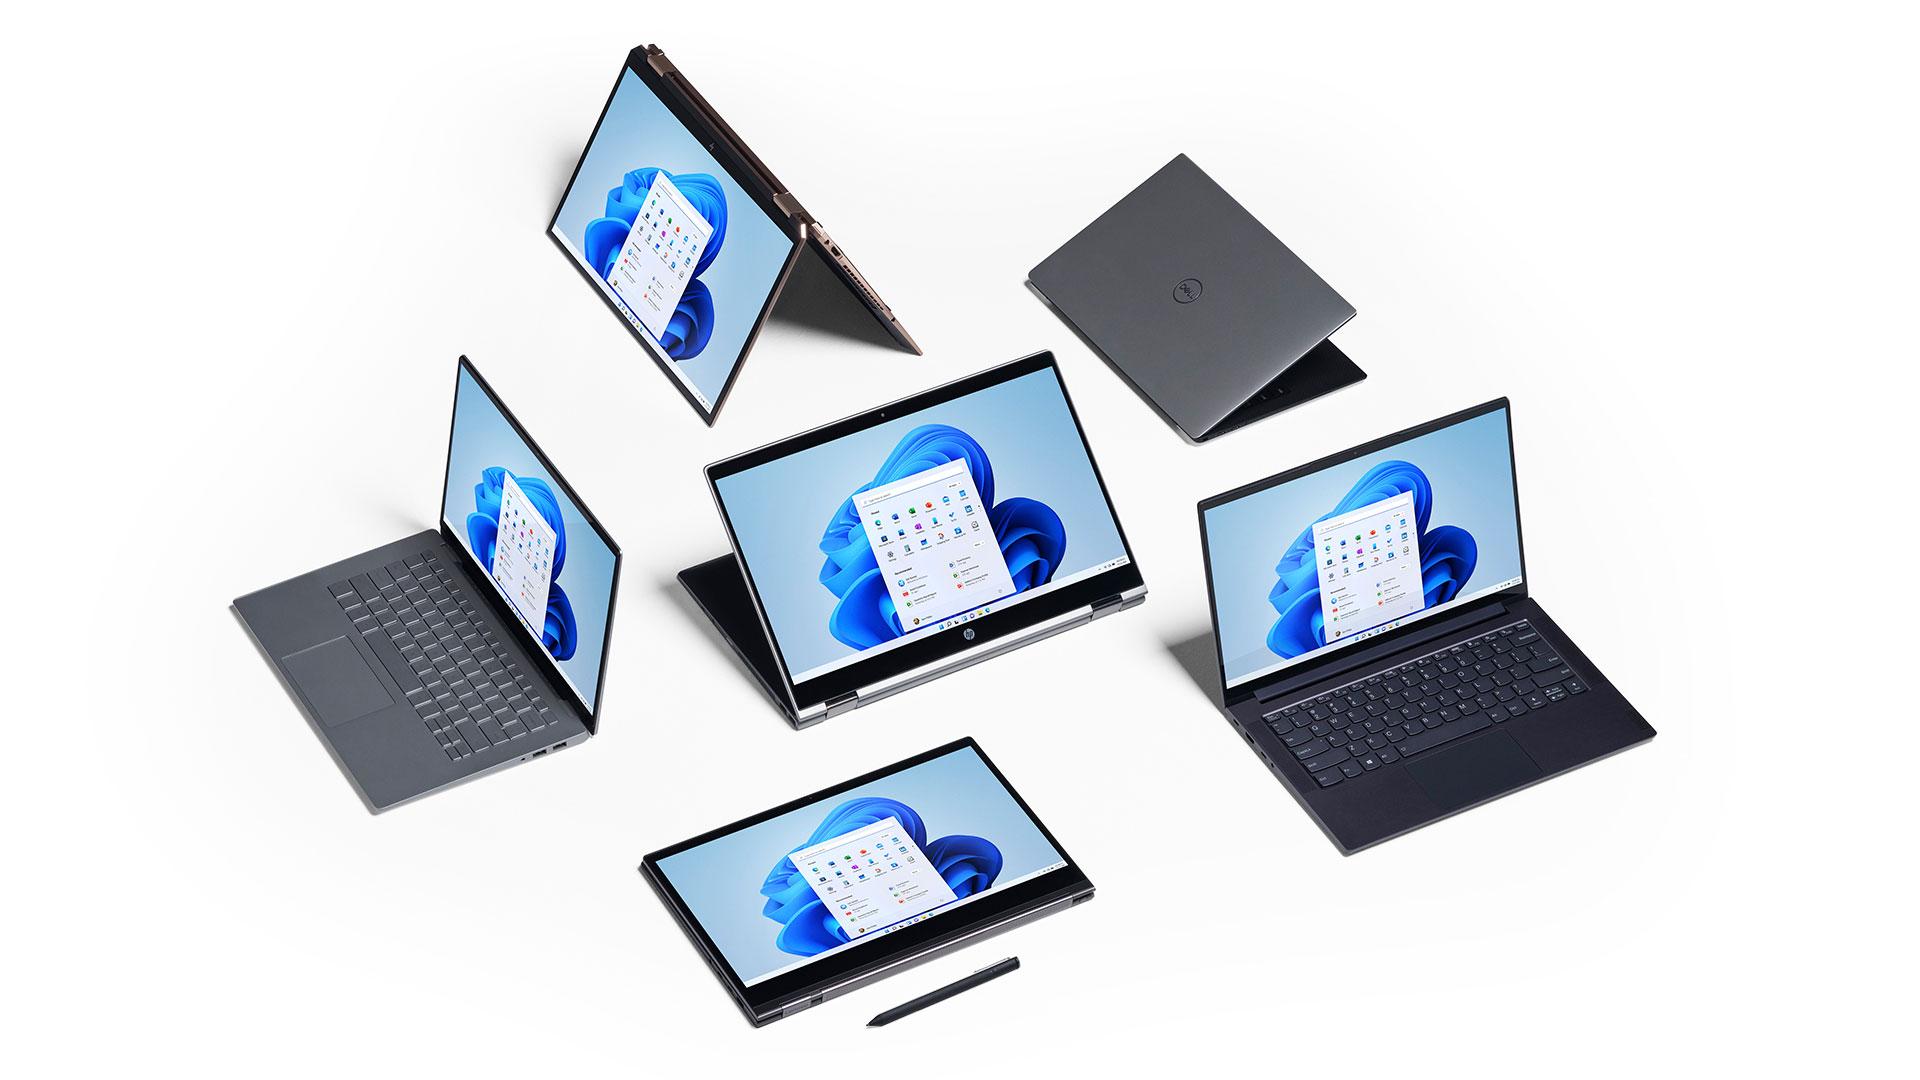 Conjunto de 6 computadores Windows 11